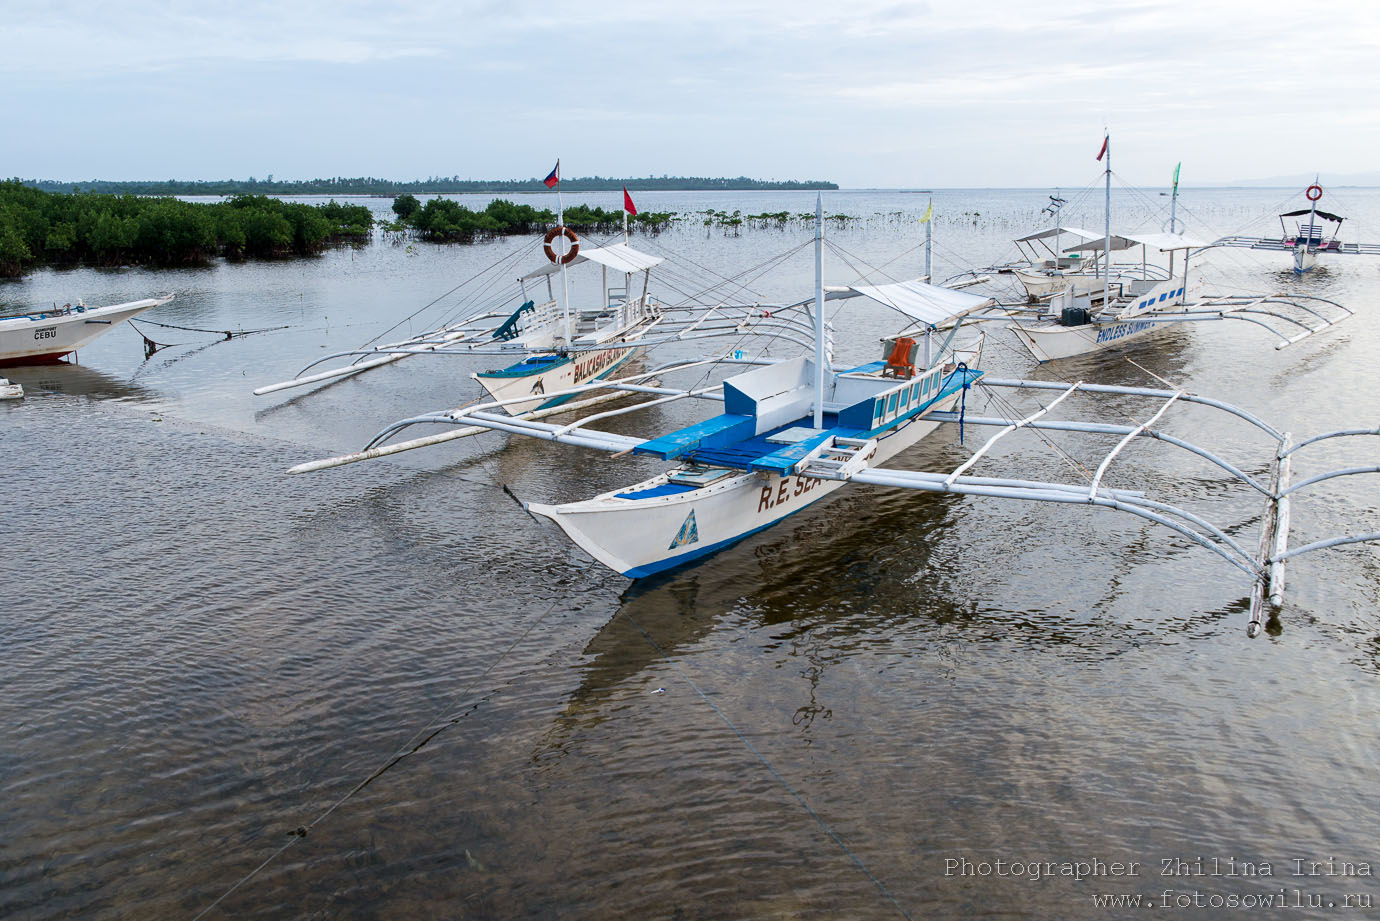 Алона Бич, Панглао, Данао, Alona beach